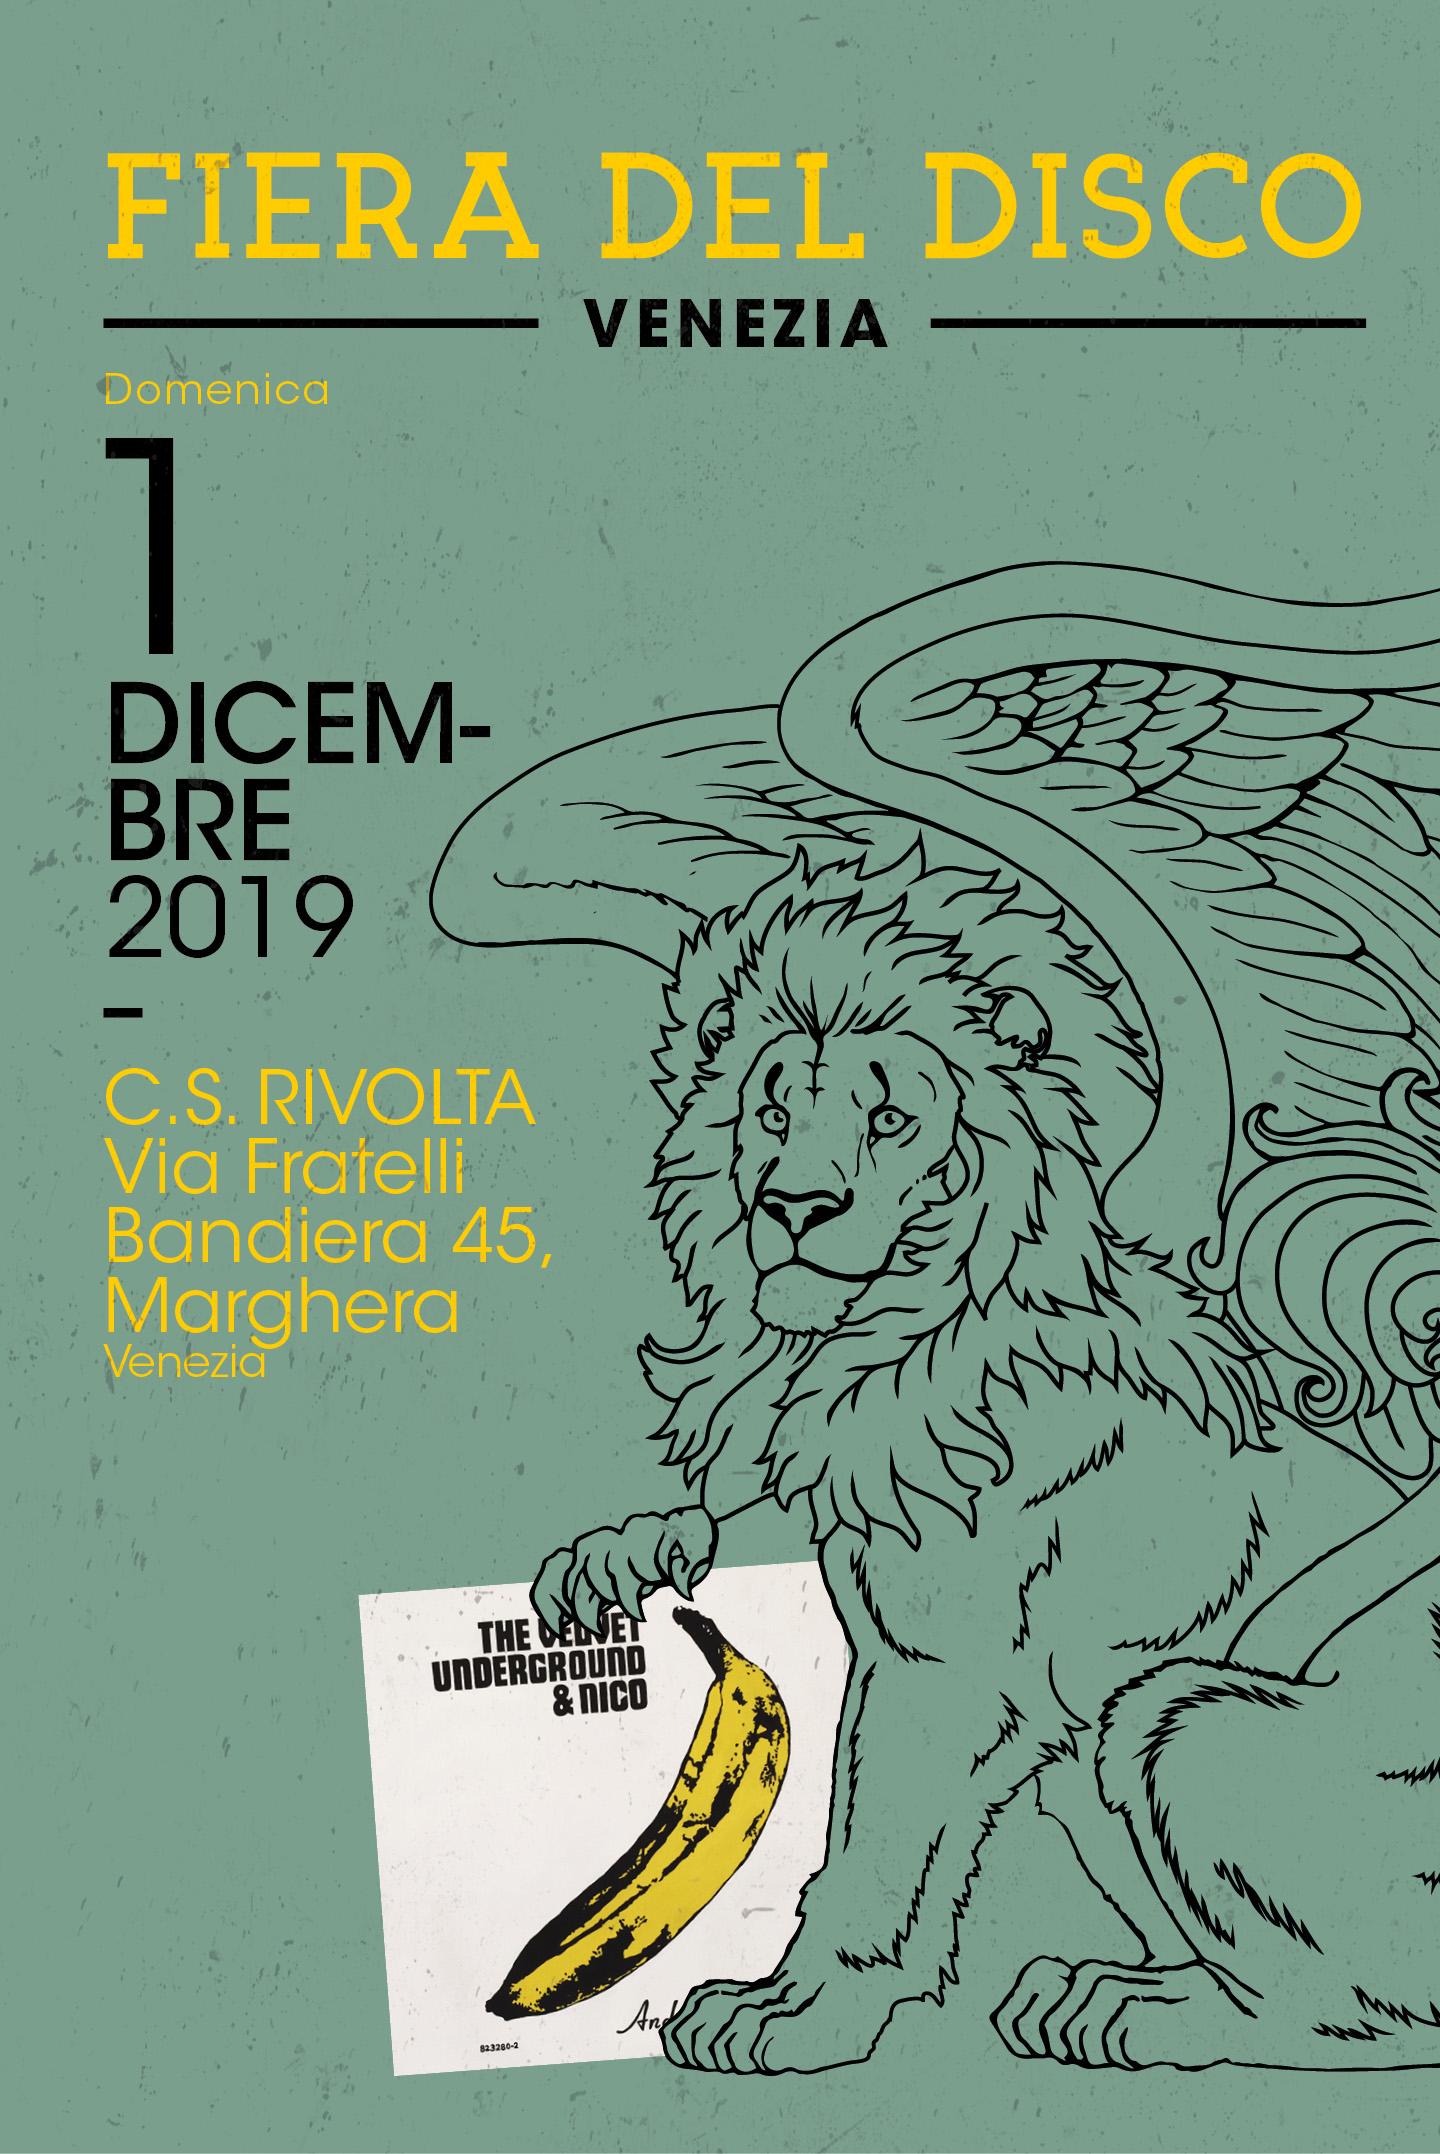 FIERA DEL DISCO - Venezia - 1 Dicembre 2019